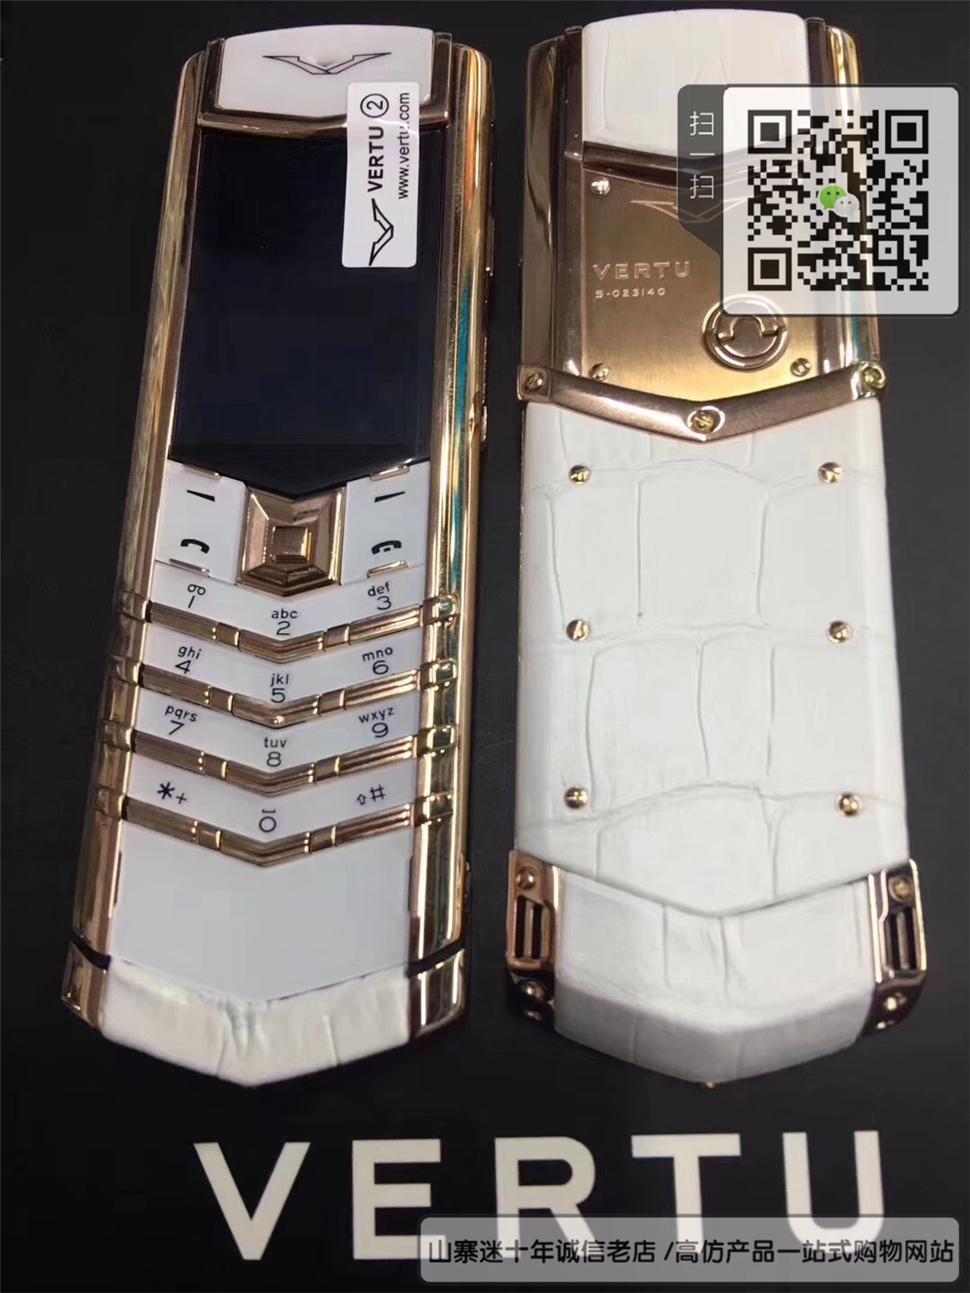 高仿VERTU直板手机-白色+玫瑰金色-鳄鱼皮 ☼